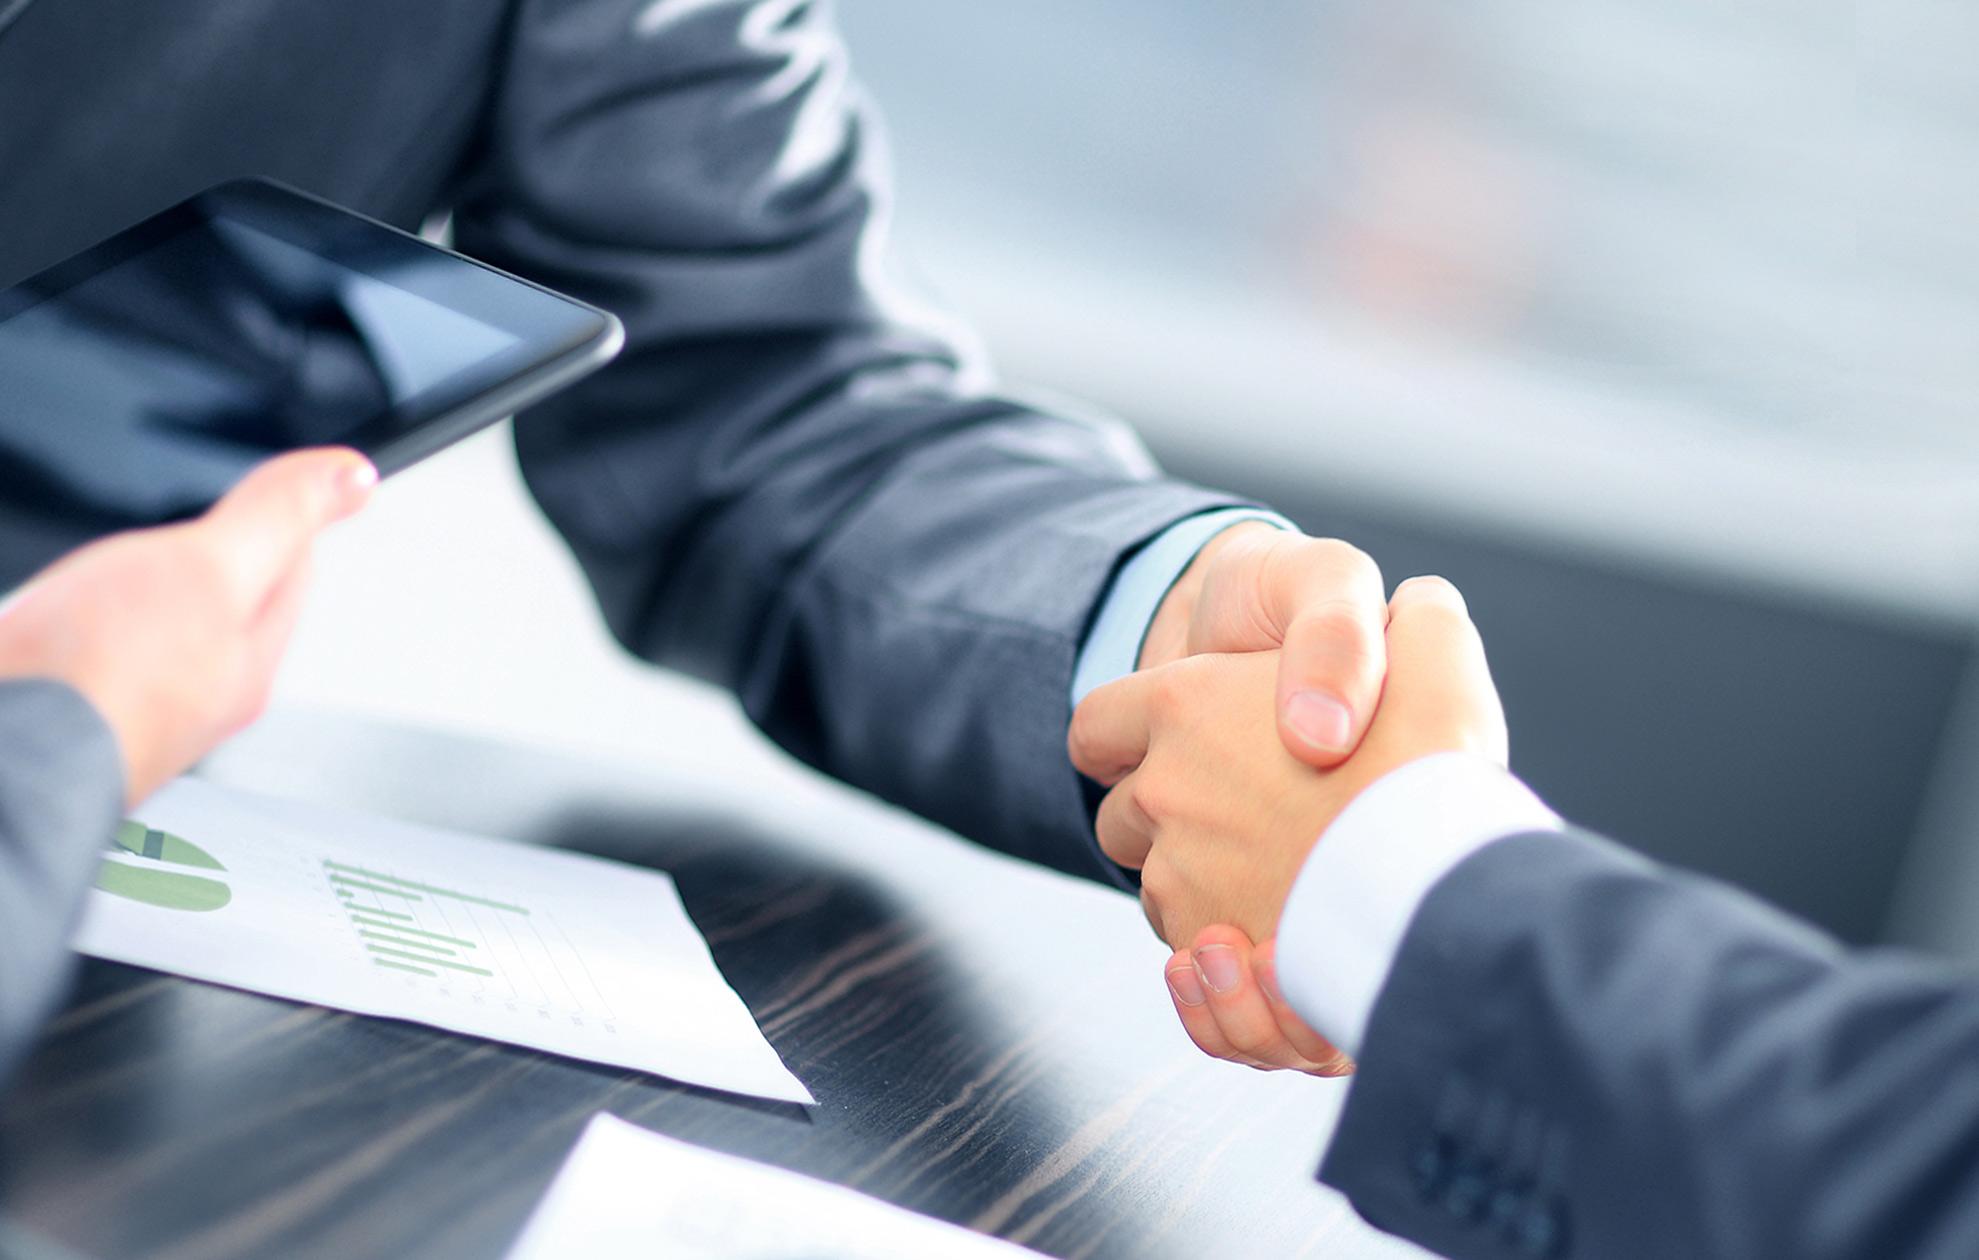 Бизнес-кредит может помочь вашему бизнесу расти